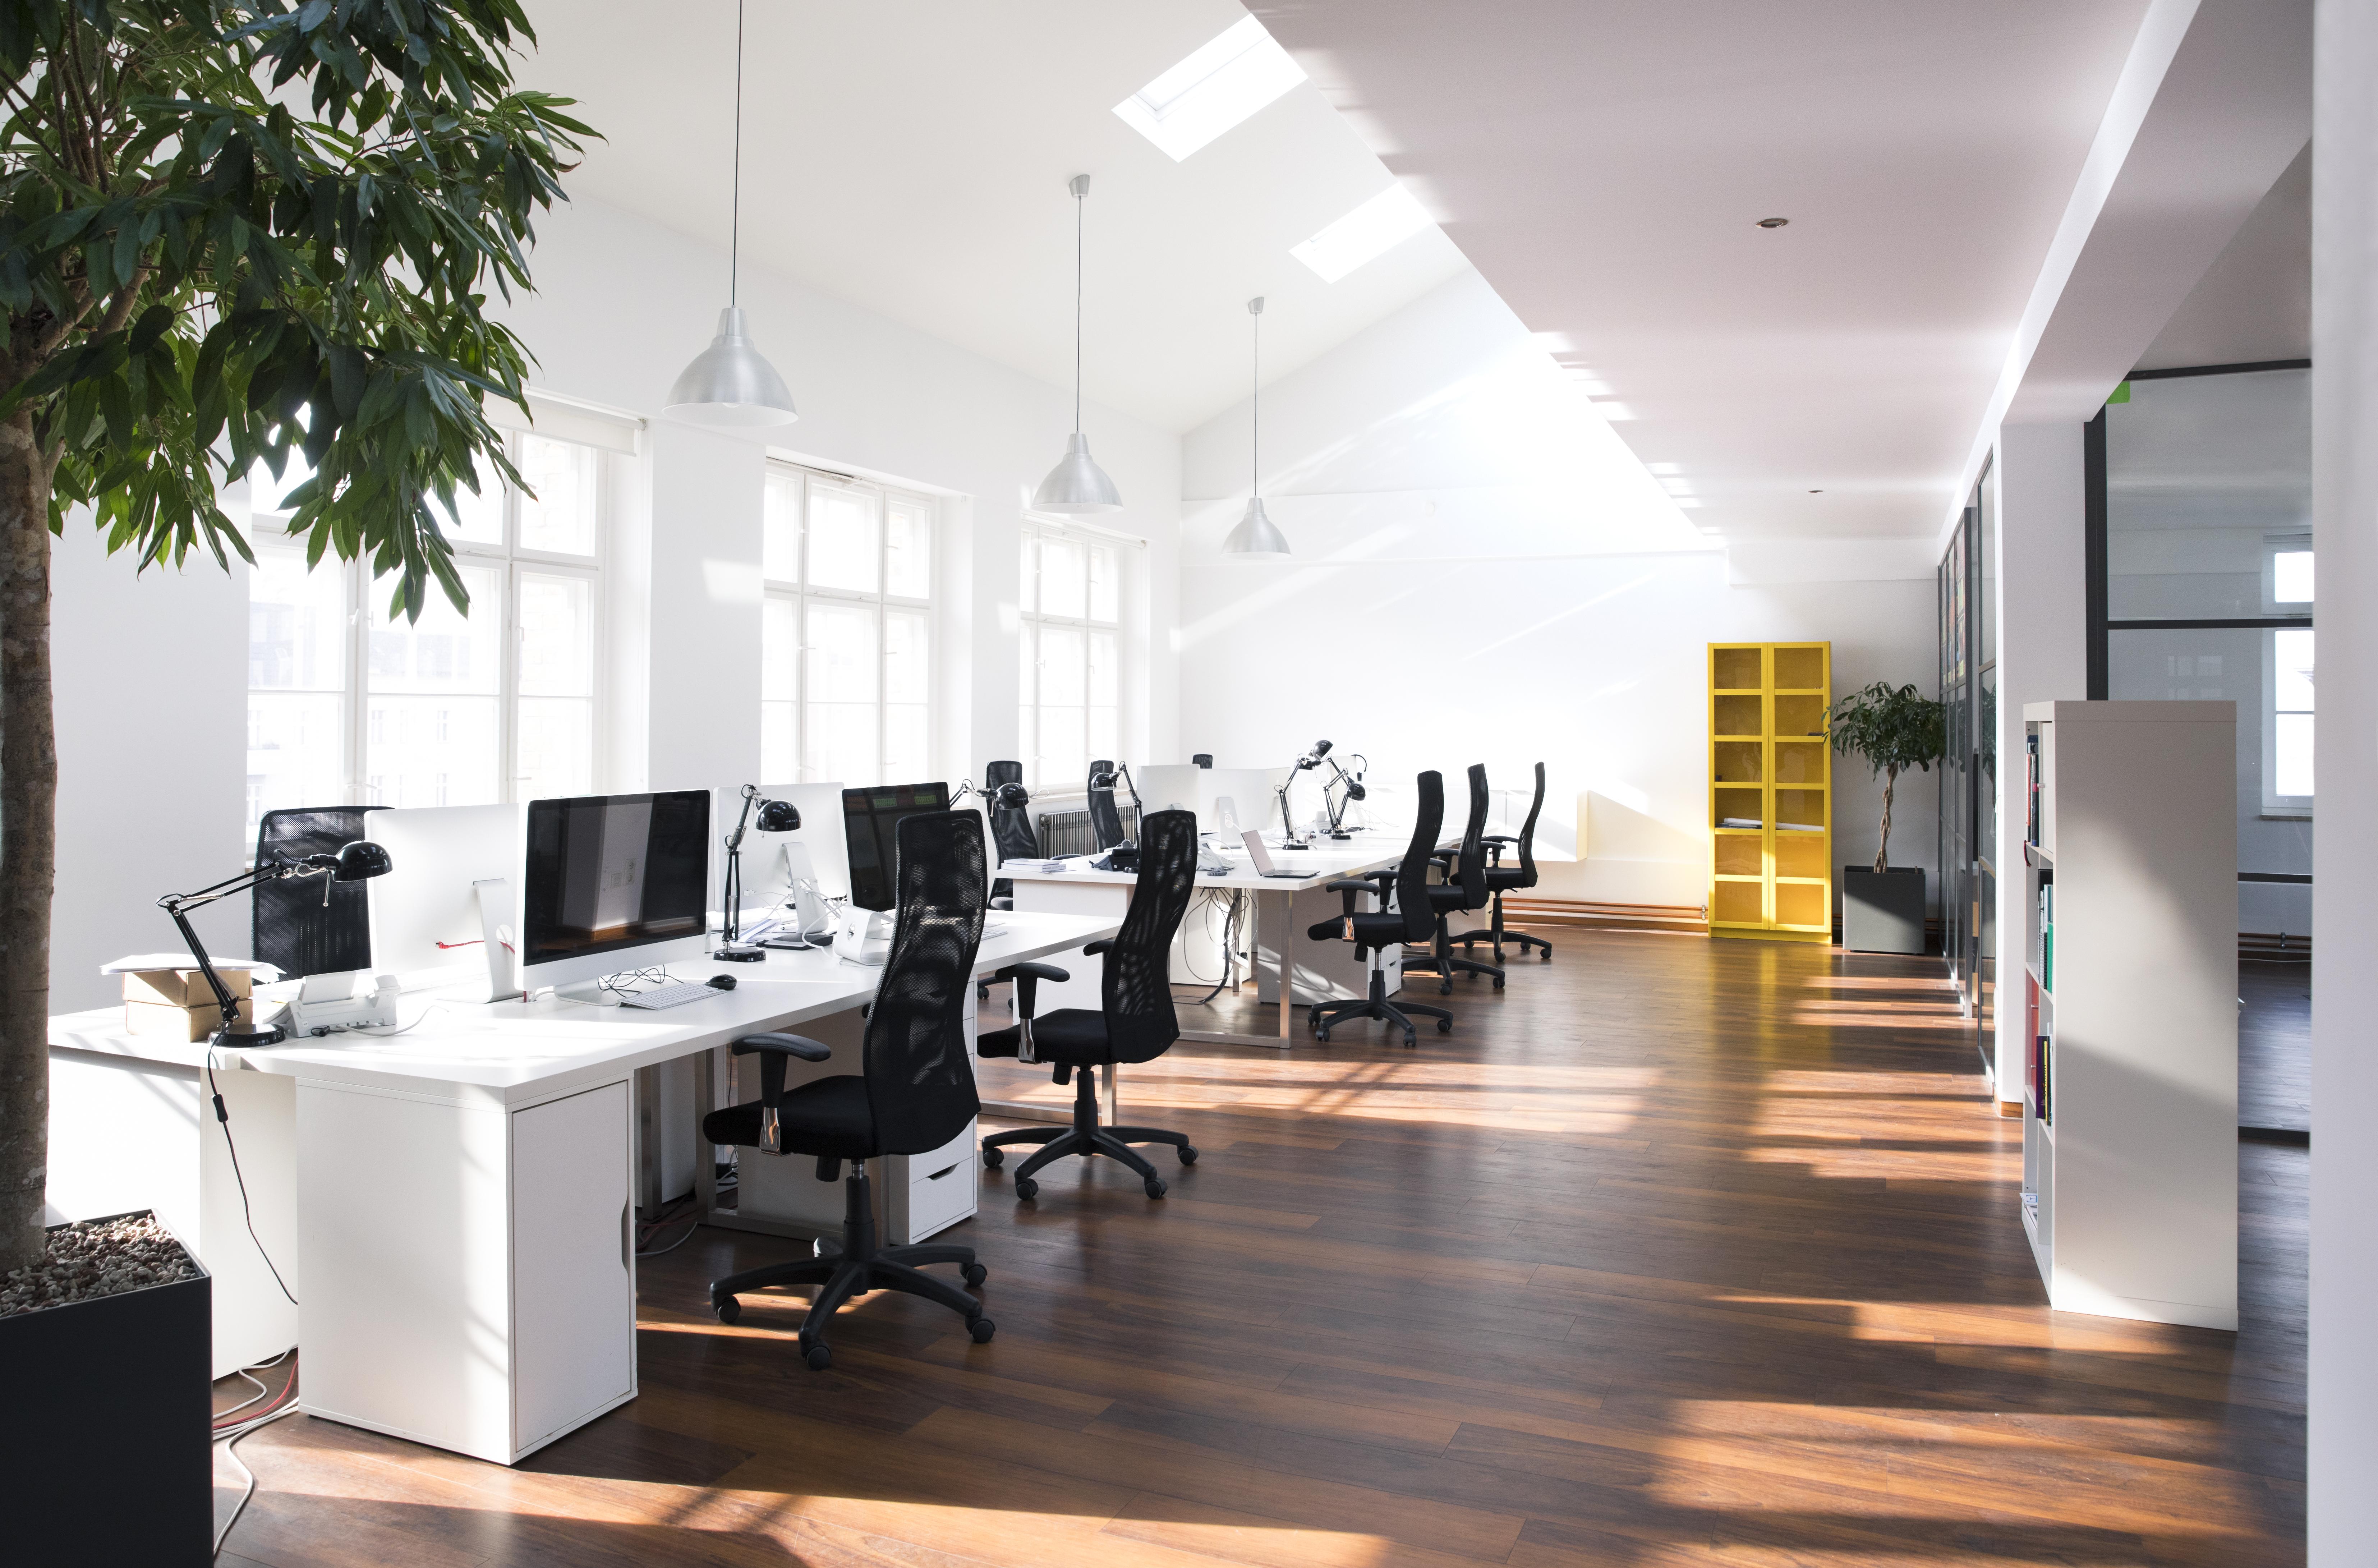 Escritórios , undefined - Arrendamento de escritórios no Porto - 3